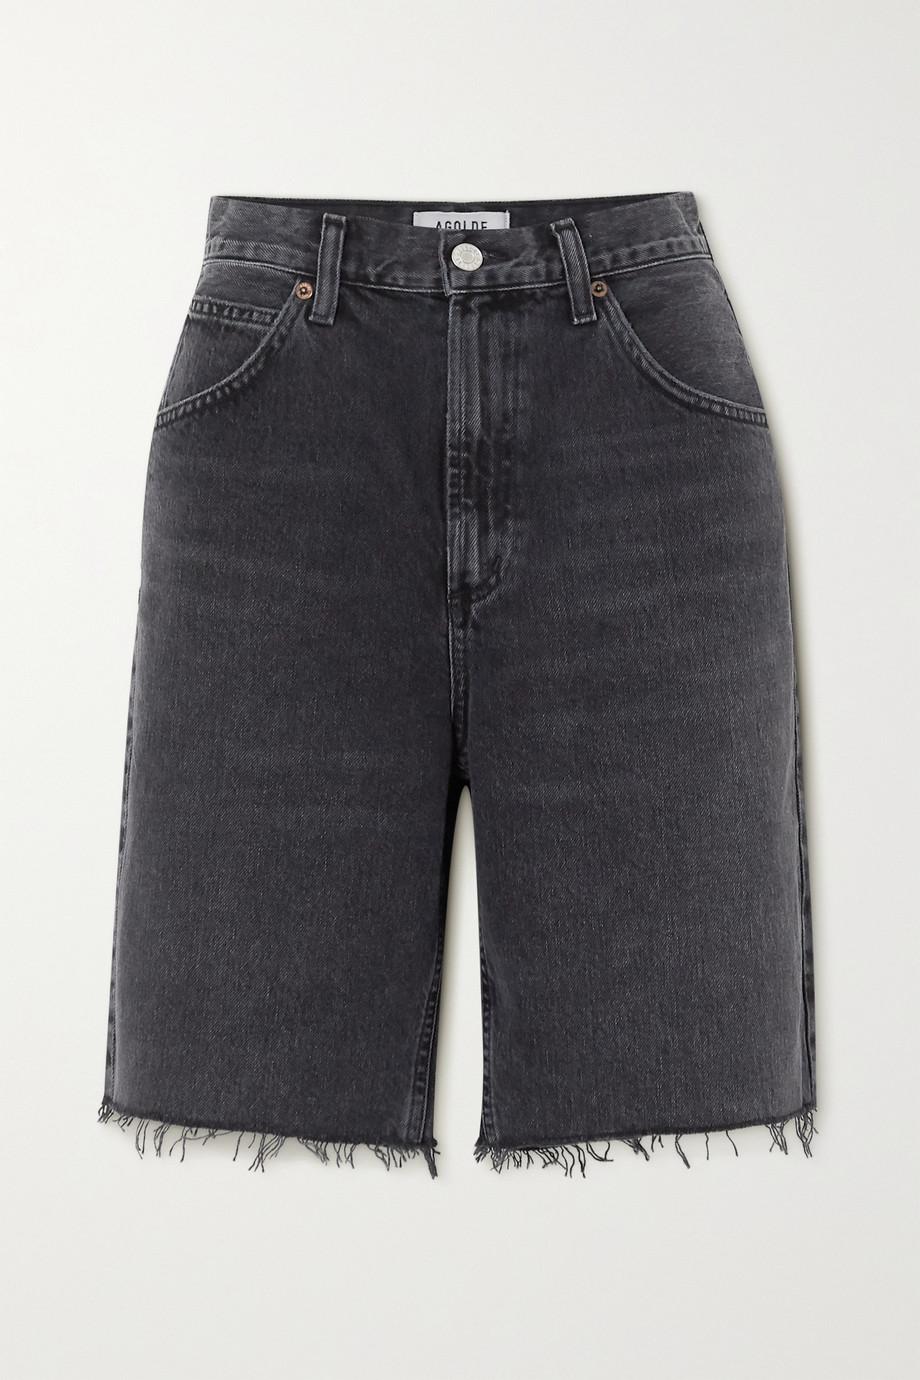 AGOLDE Short en jean effet vieilli Pinch